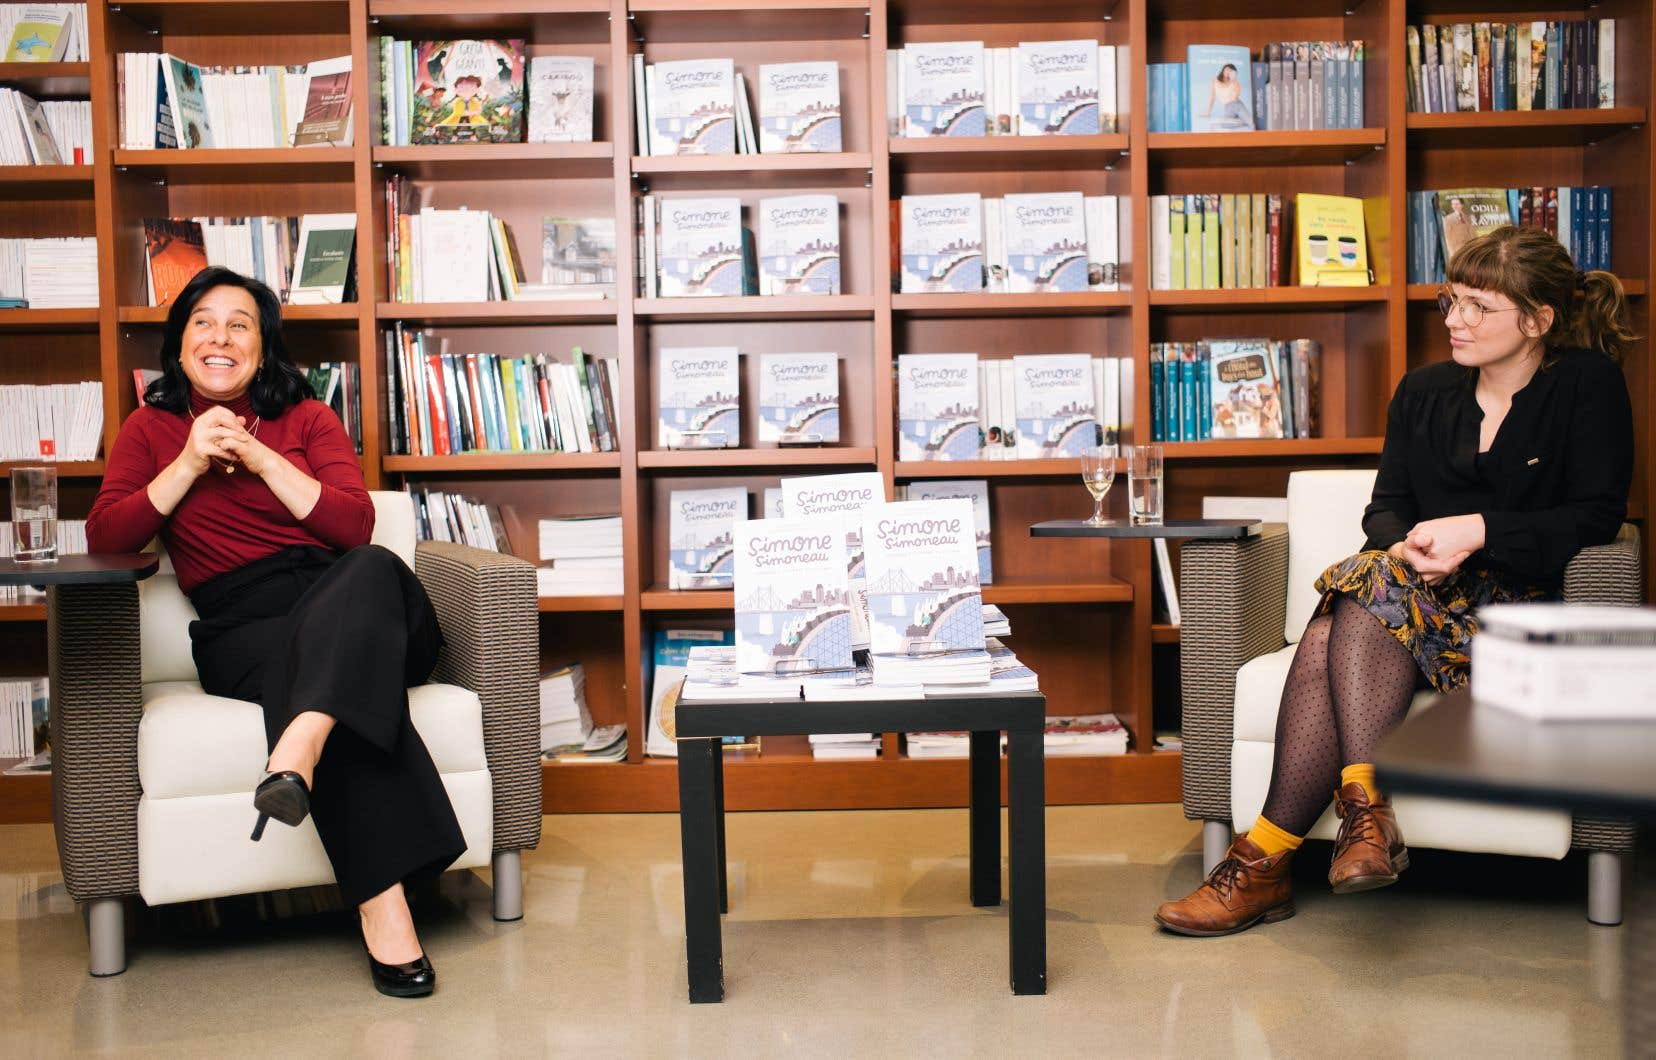 La mairesse de Montréal, Valérie Plante, et l'illustratrice Delphie Côté-Lacroix lors du lancement de la bédé «Simone Simoneau», le 20 novembre dernier